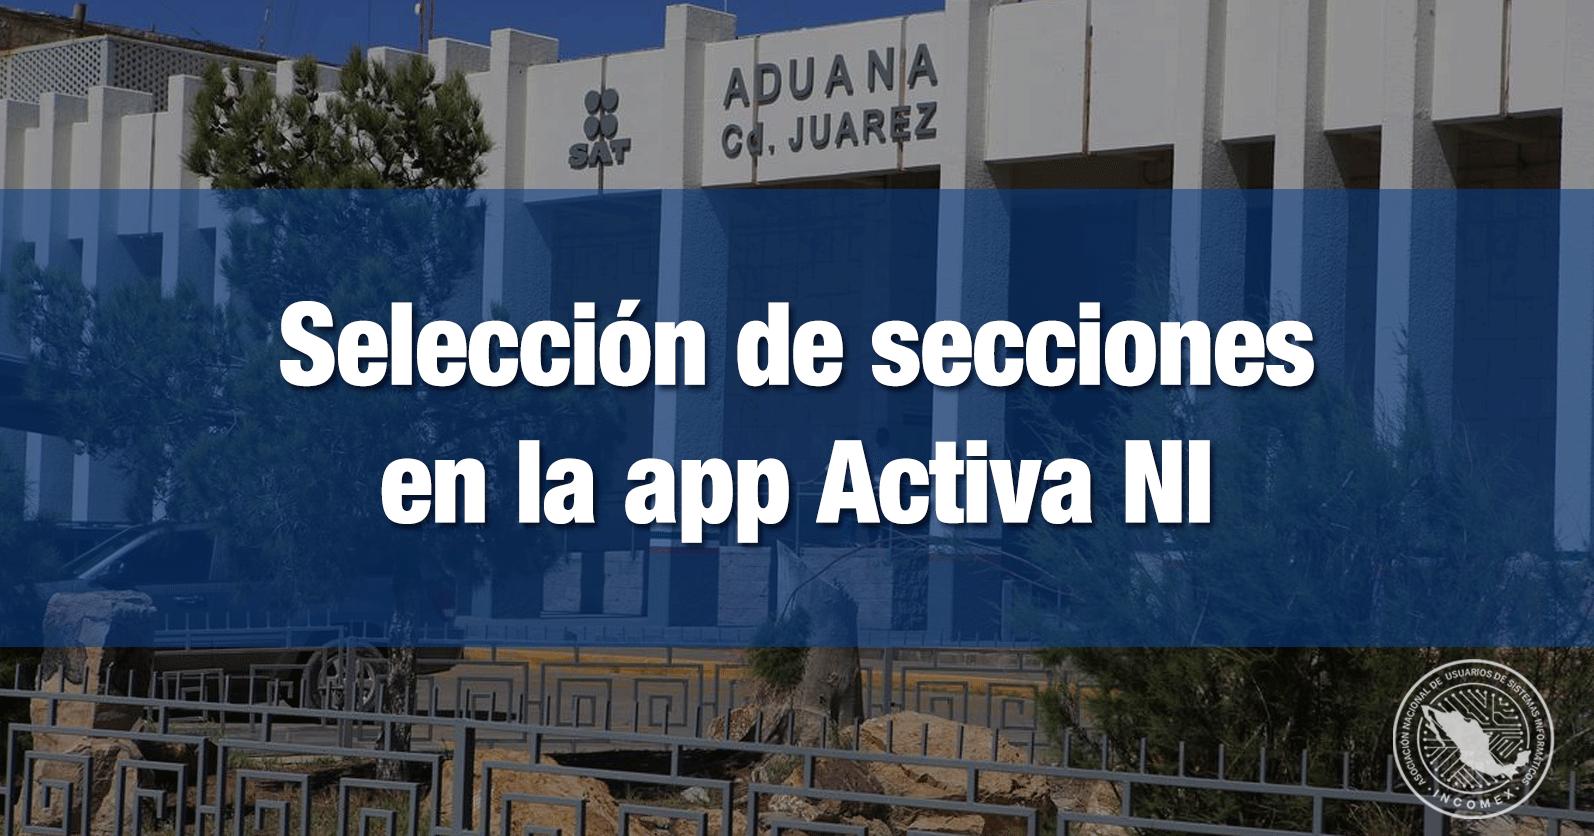 Selección de secciones en la app Activa NI